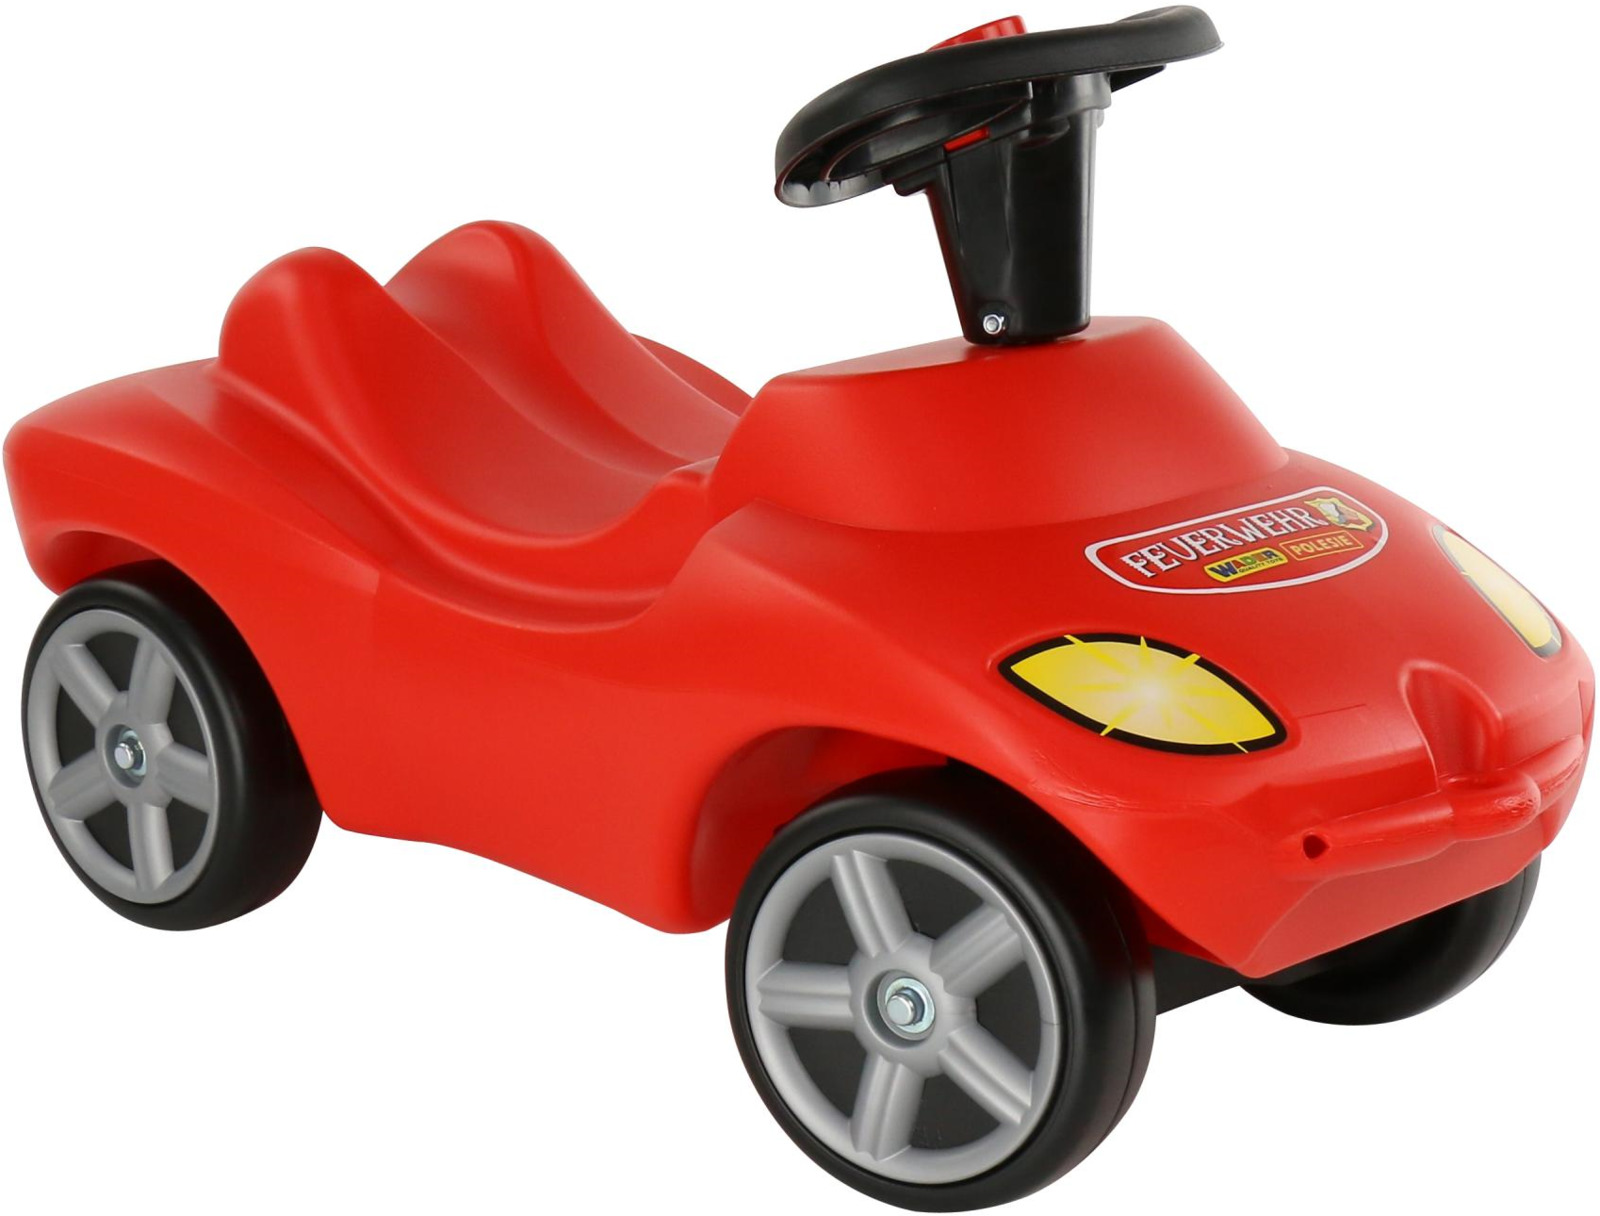 Автомобиль-каталка Полесье Пожарная команда, со звуковым сигналом, цвет в ассортименте автомобиль пластмастер малютка зефирки цвет в ассортименте 31172